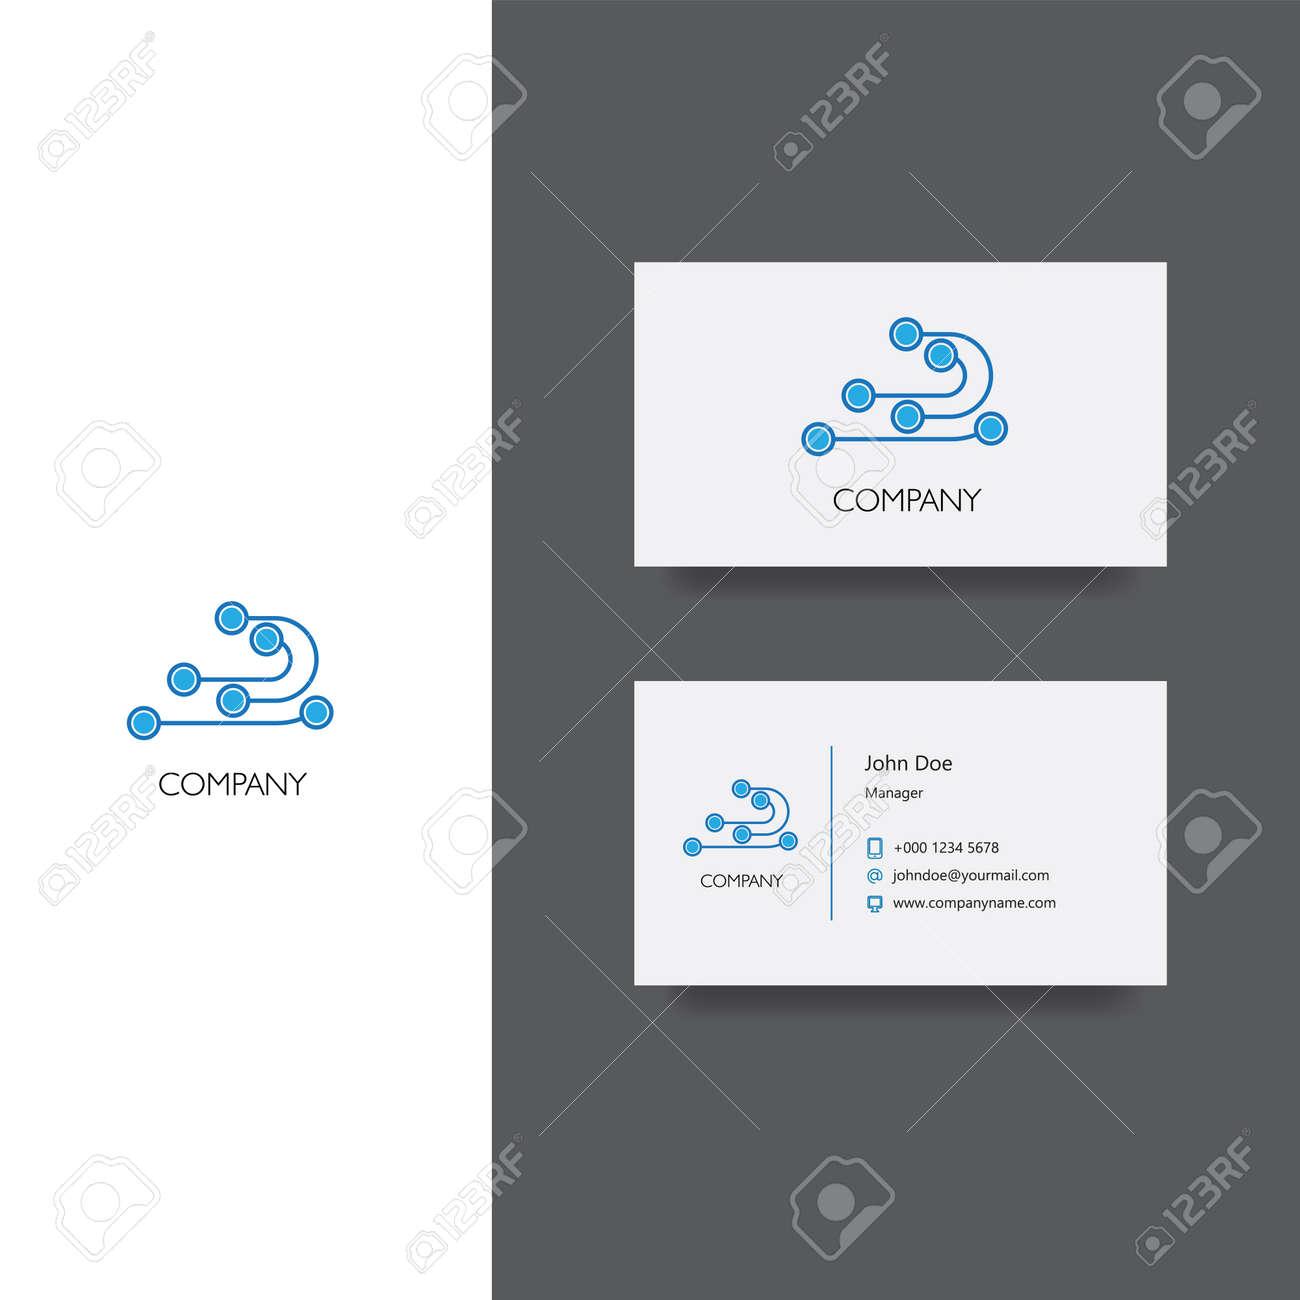 Le Logo Et Modle De Carte Visite Llectronique Ou Des